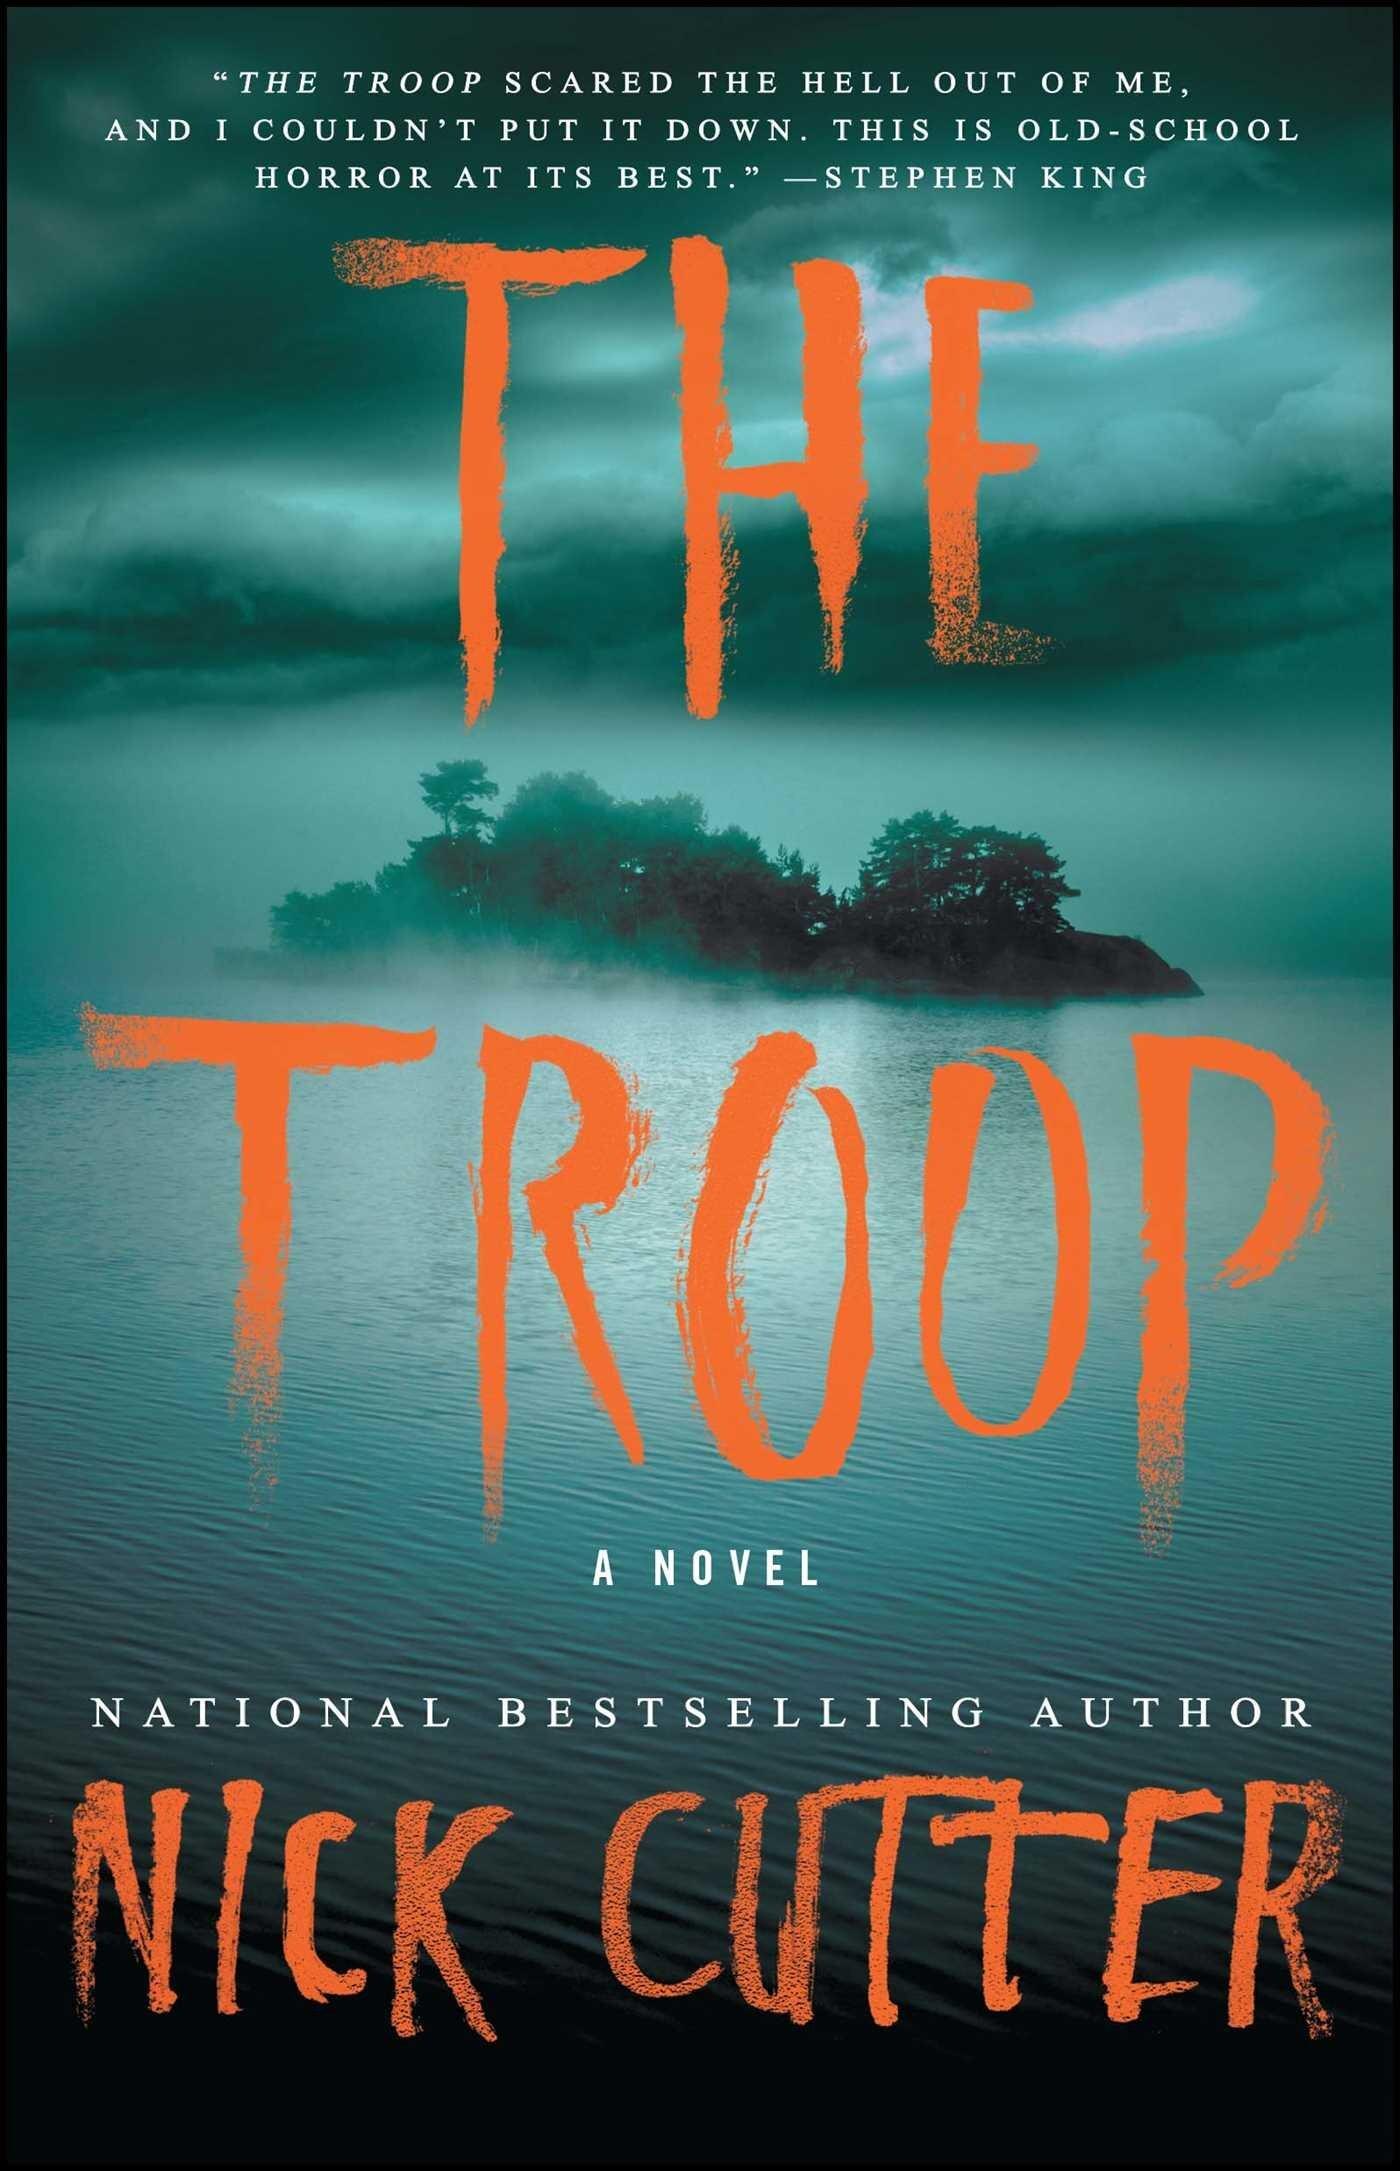 The Troop | TBR, etc.